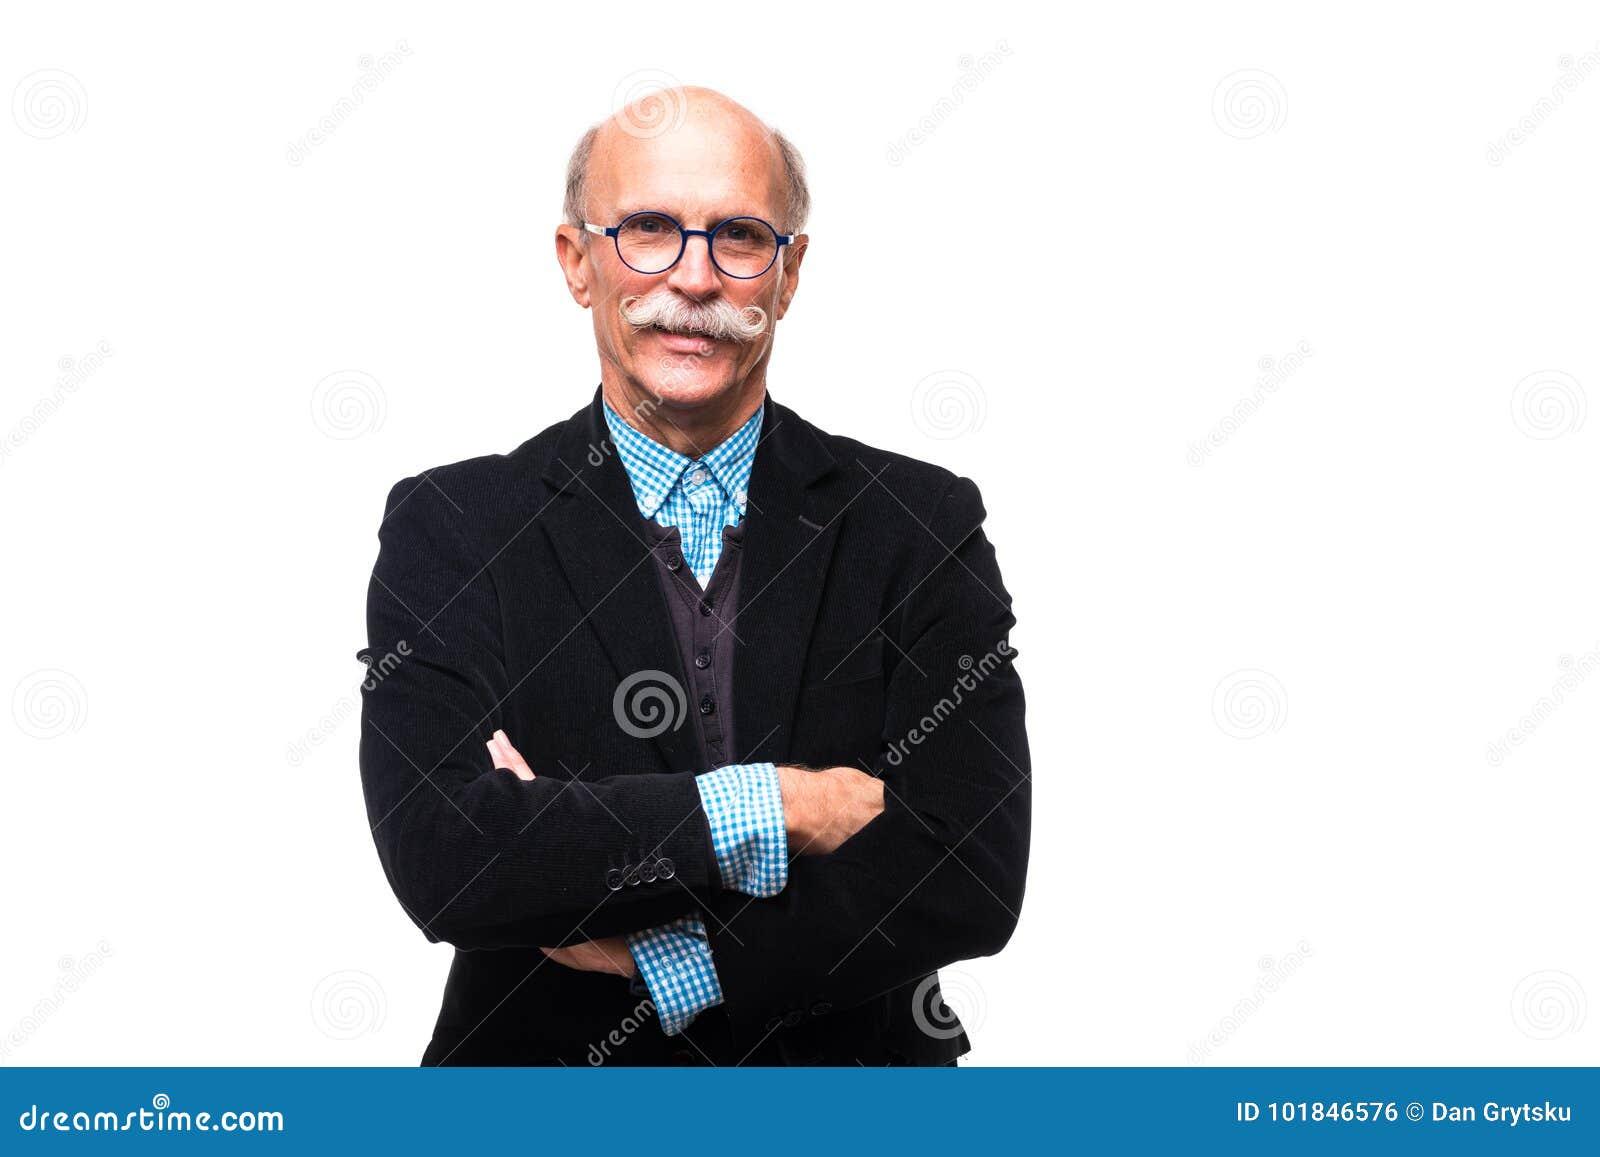 El retrato del hombre mayor serio está presentando con las manos cruzadas aisladas en el fondo blanco